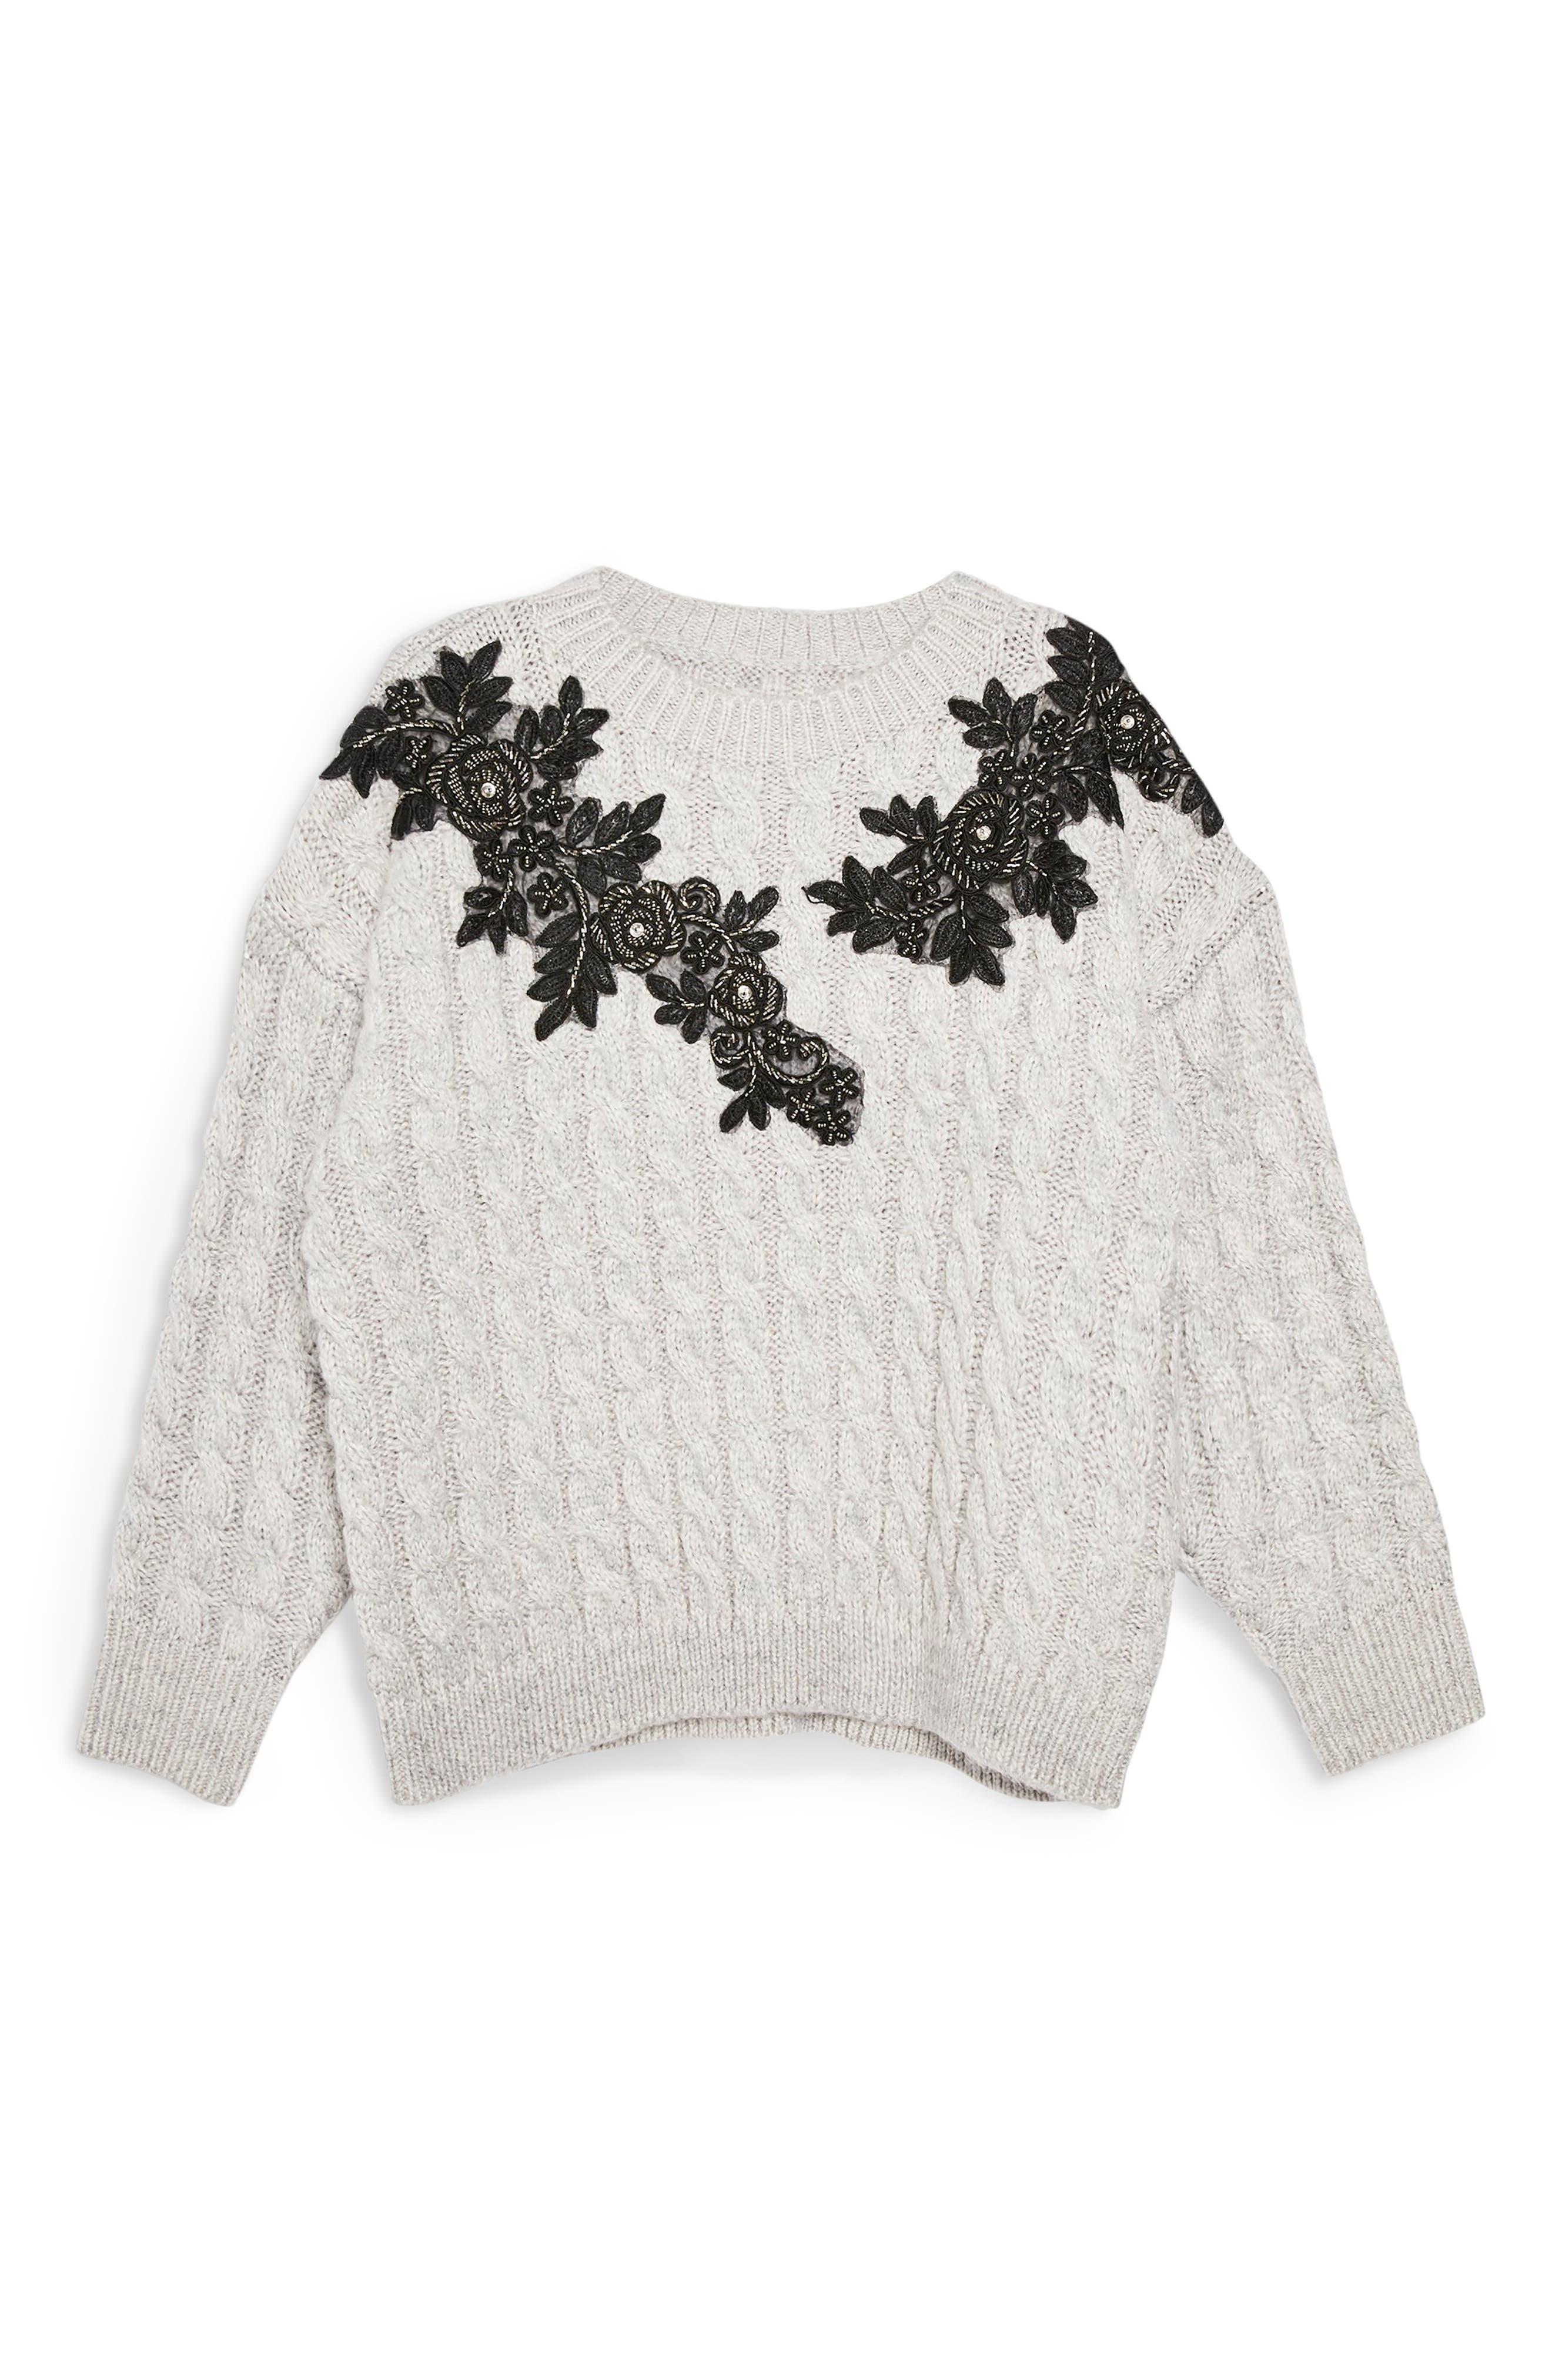 TOPSHOP,                             Appliqué Cable Knit Sweater,                             Alternate thumbnail 4, color,                             020